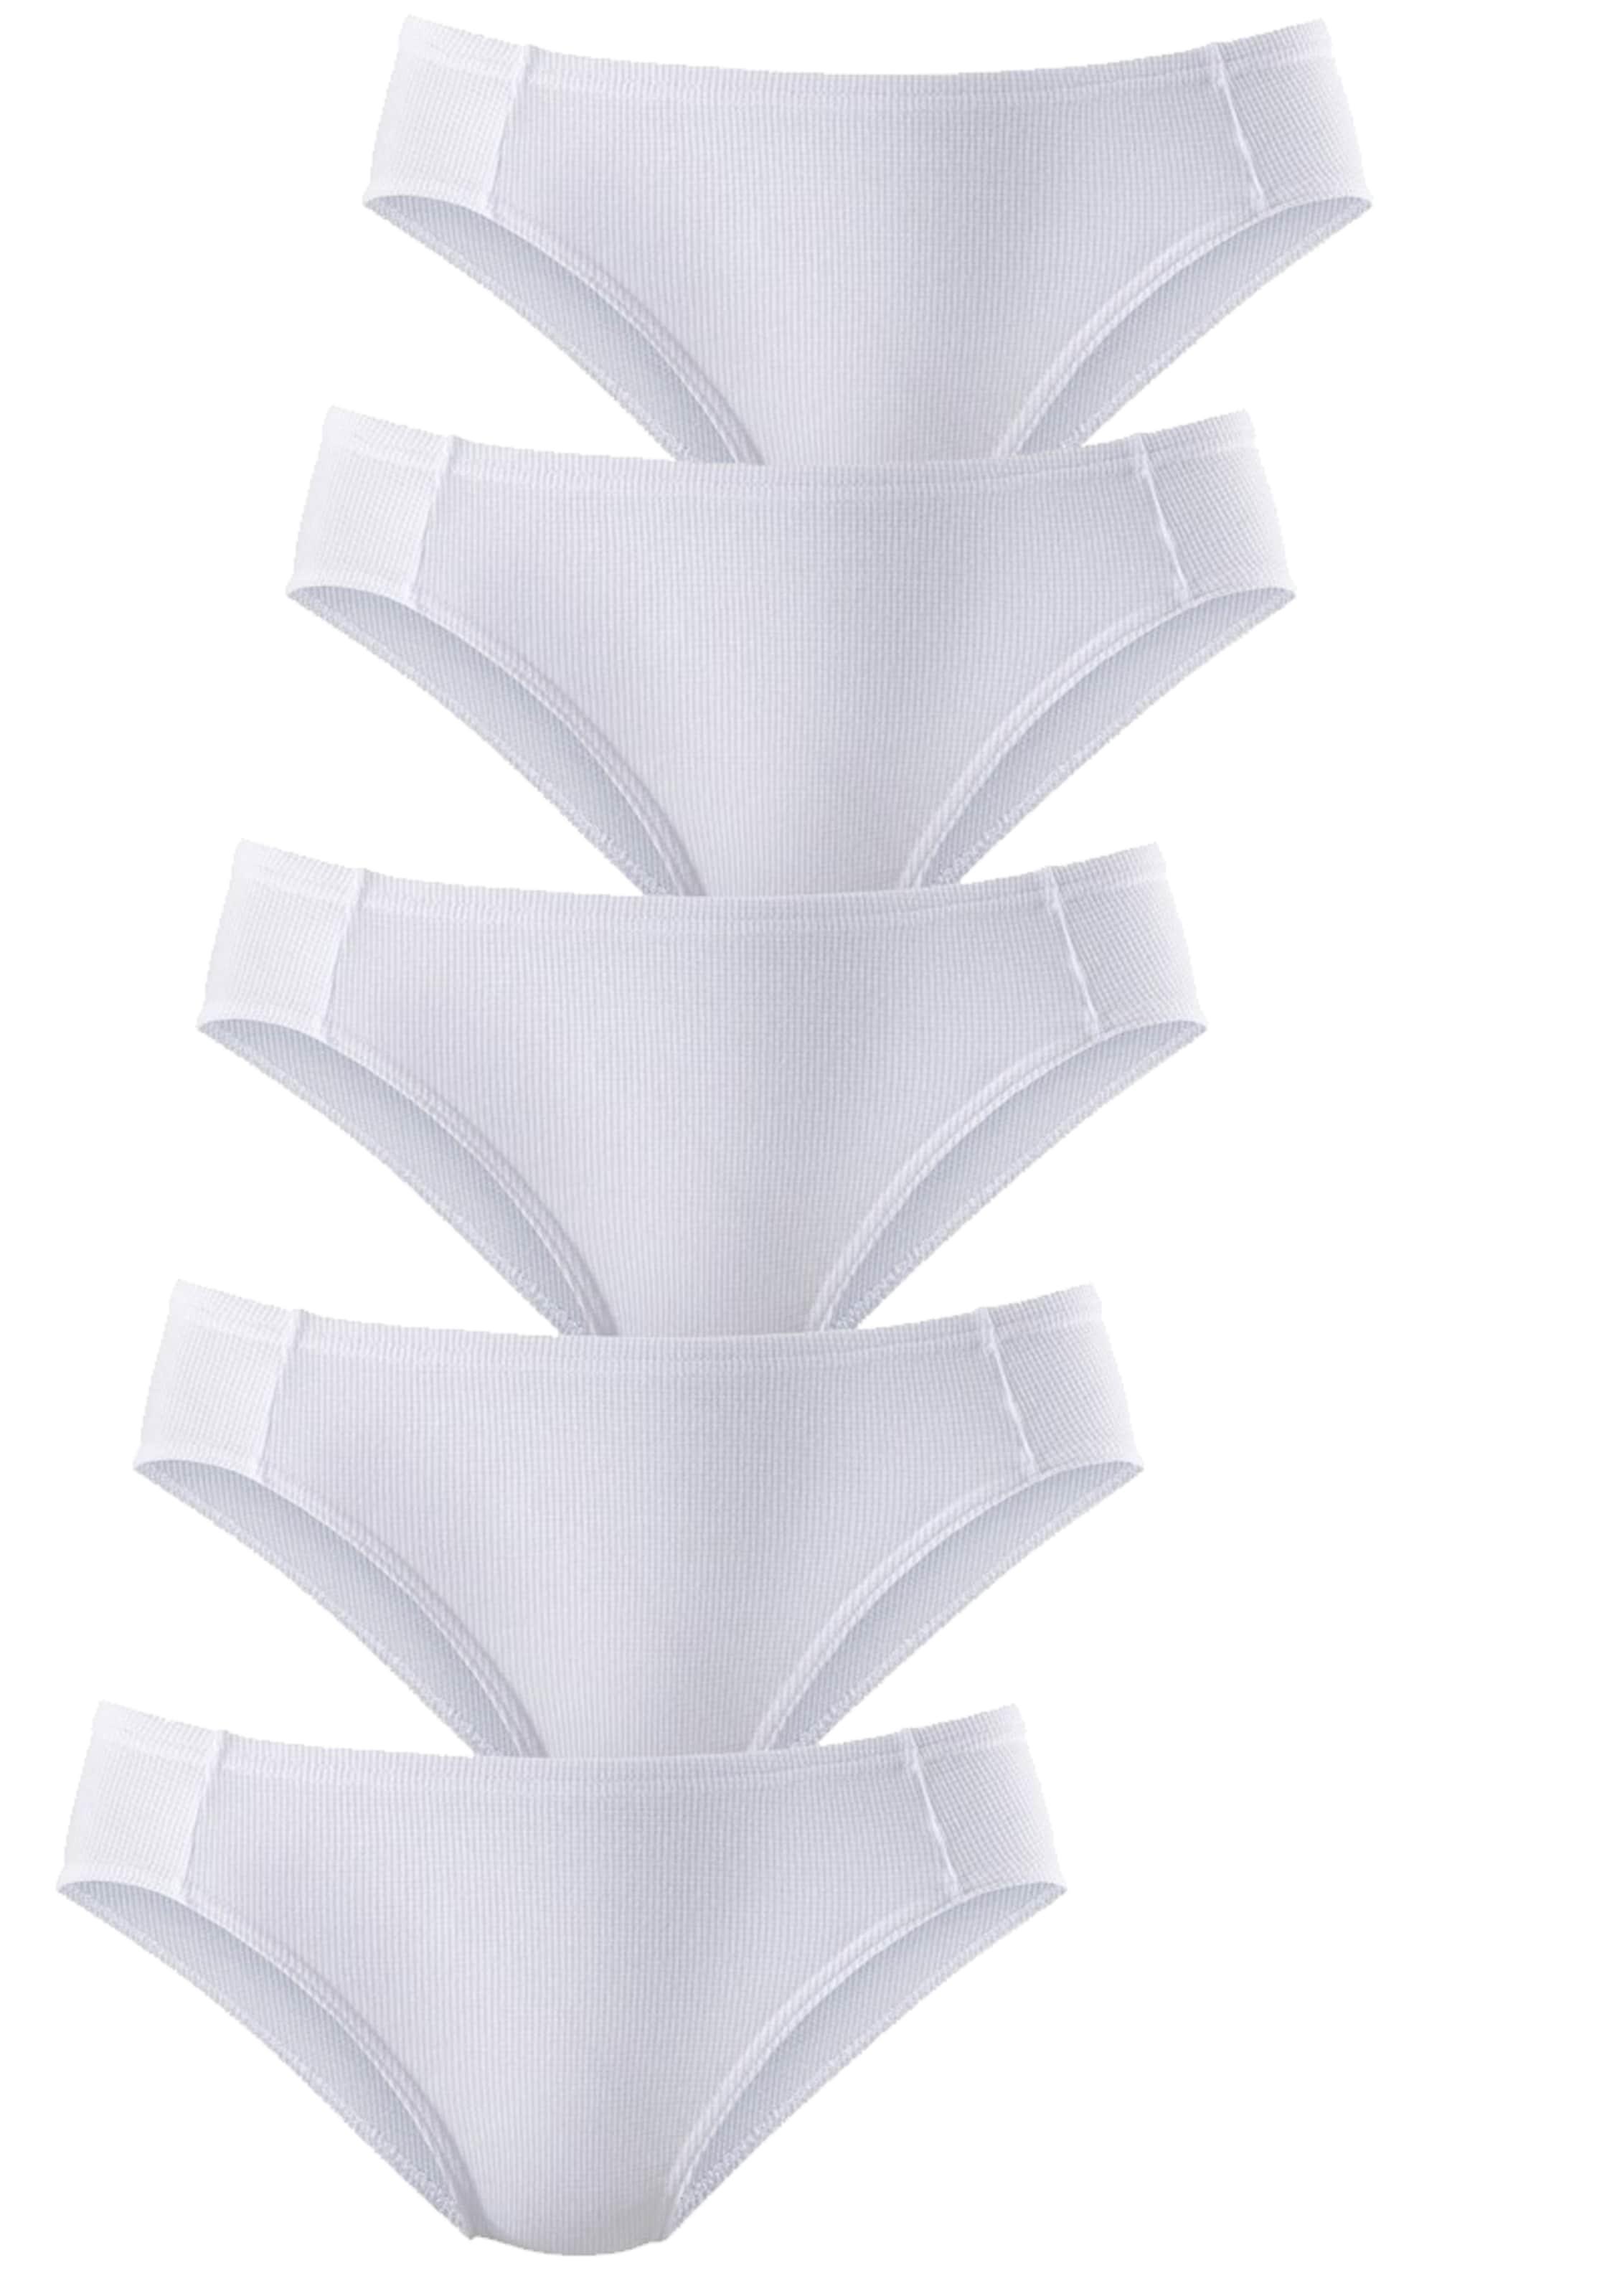 Verkauf Amazon PETITE FLEUR Bikinislip (5 Stck.) Sonnenschein Outlet Kollektionen Günstig Kaufen Authentisch 0G3sJgjOgb